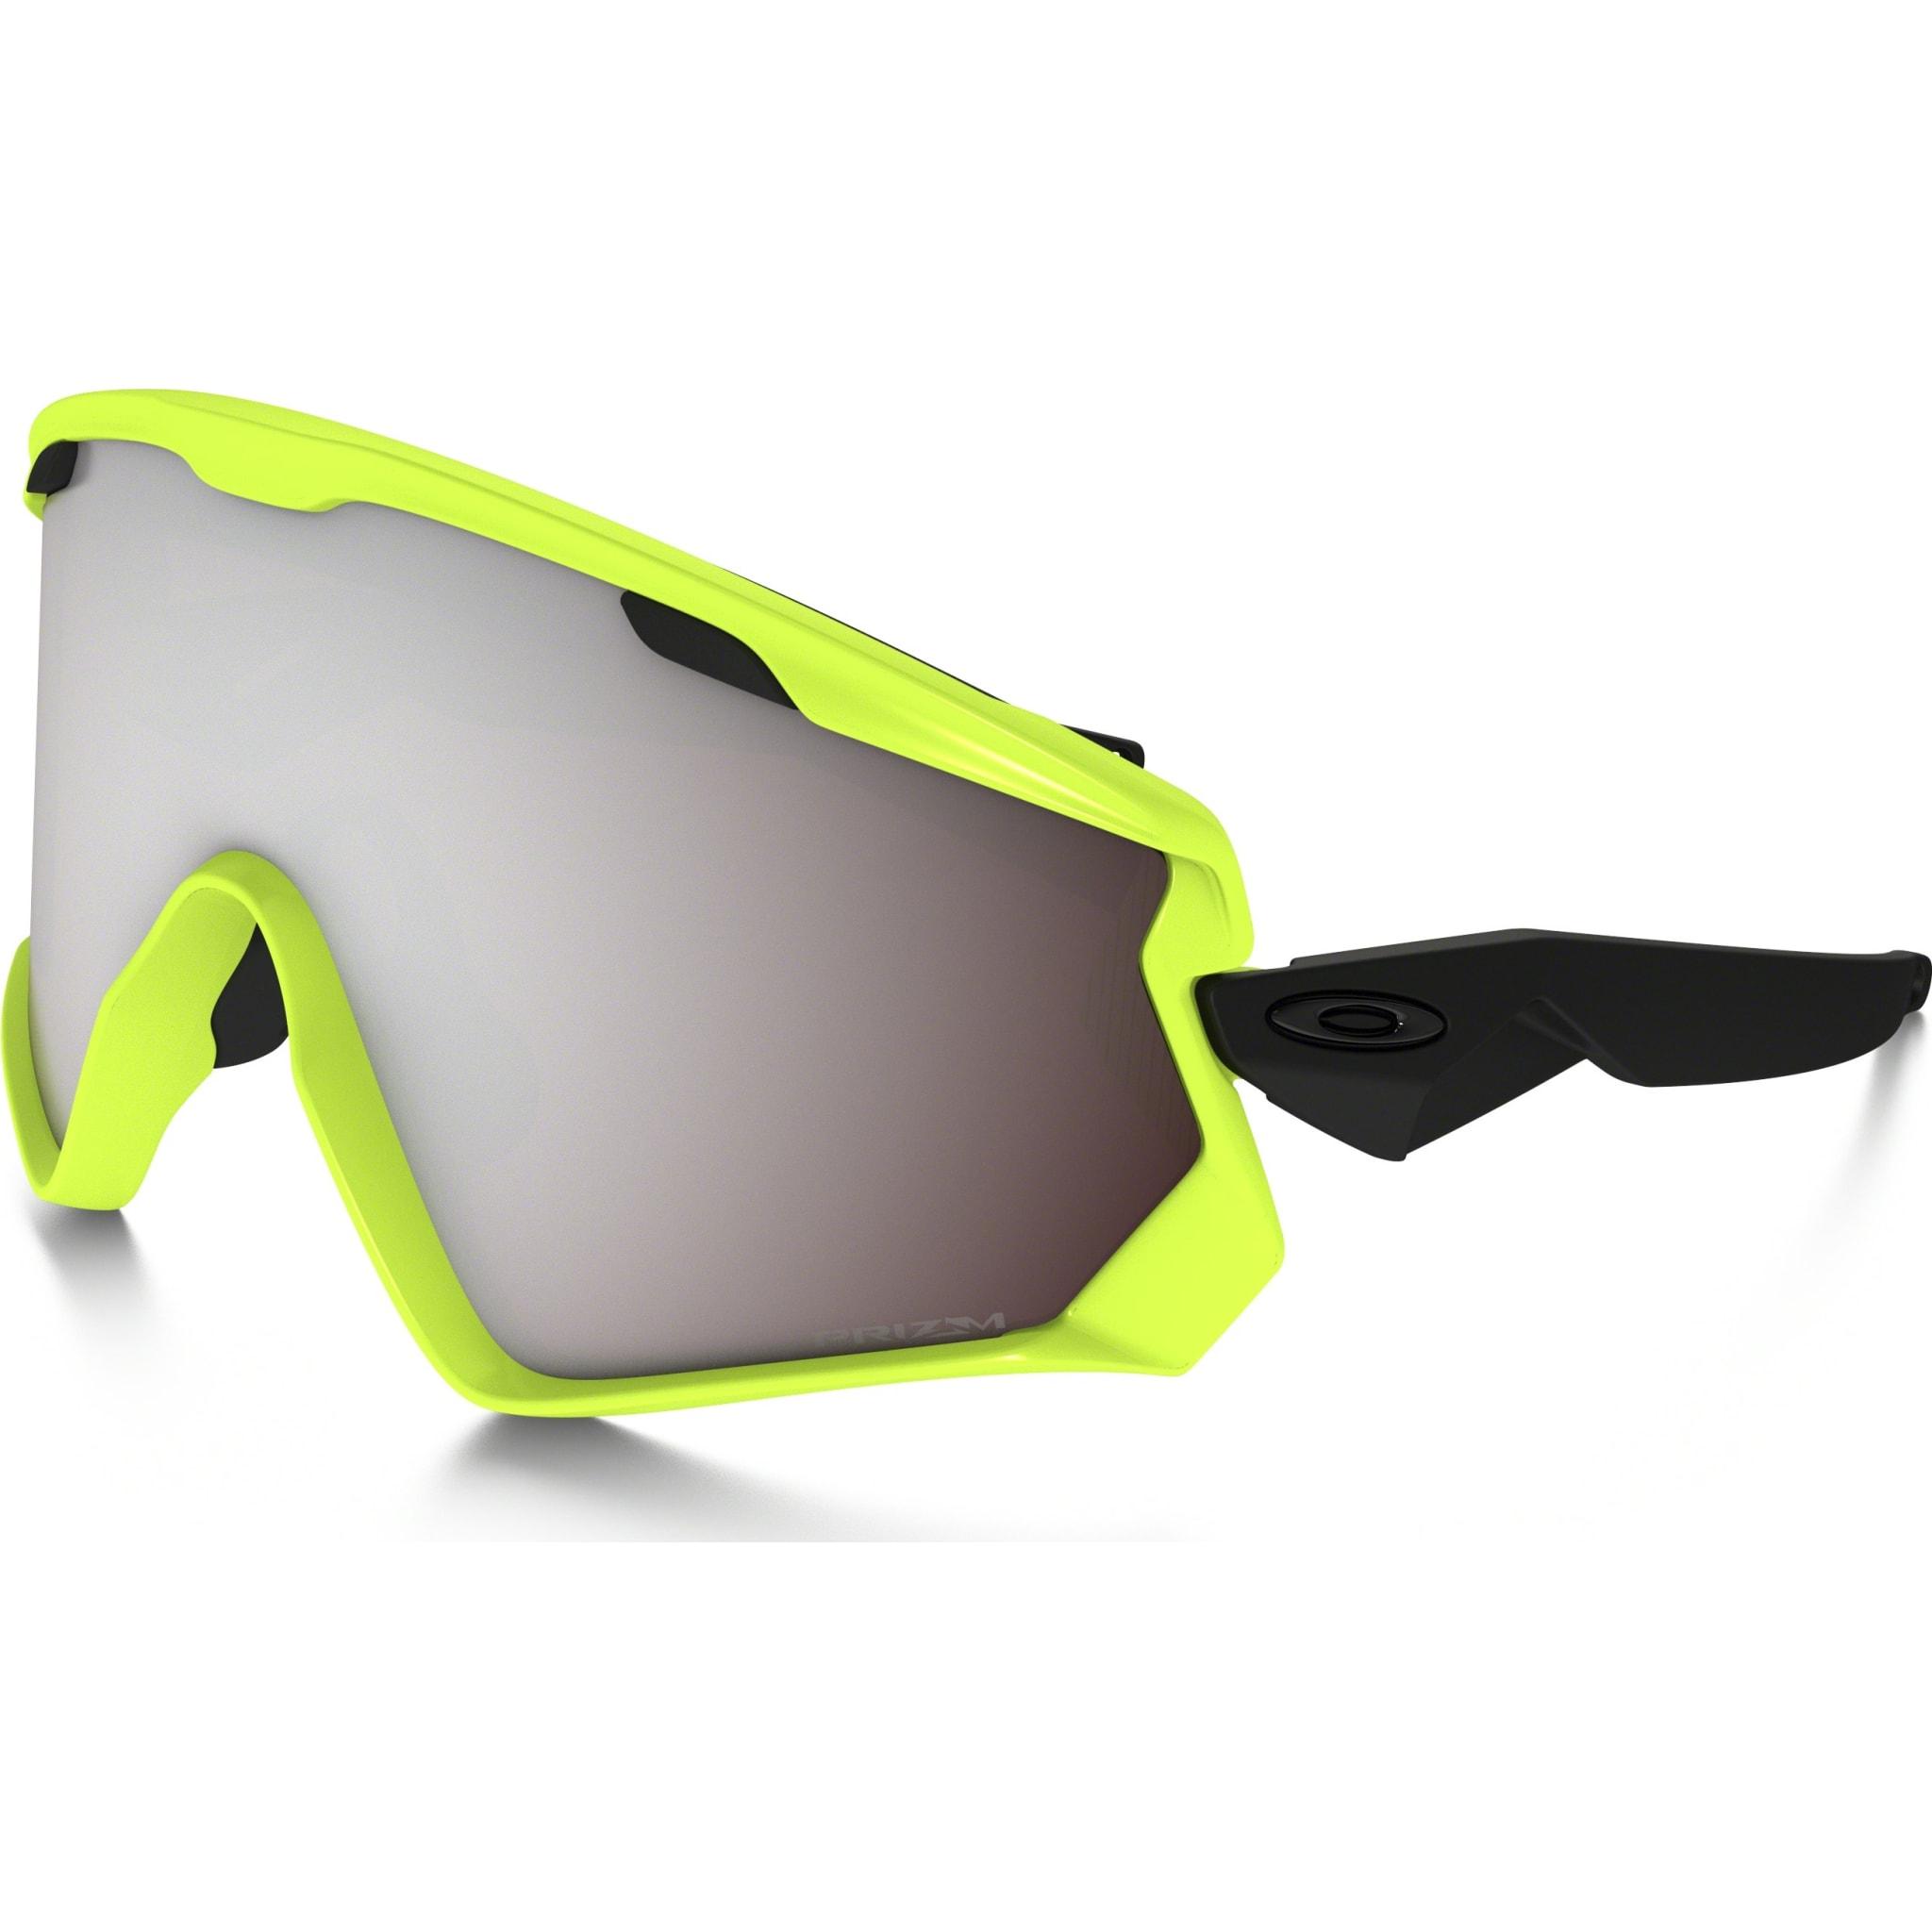 Er det en solbrille eller en goggle? Ja takk begge deler!